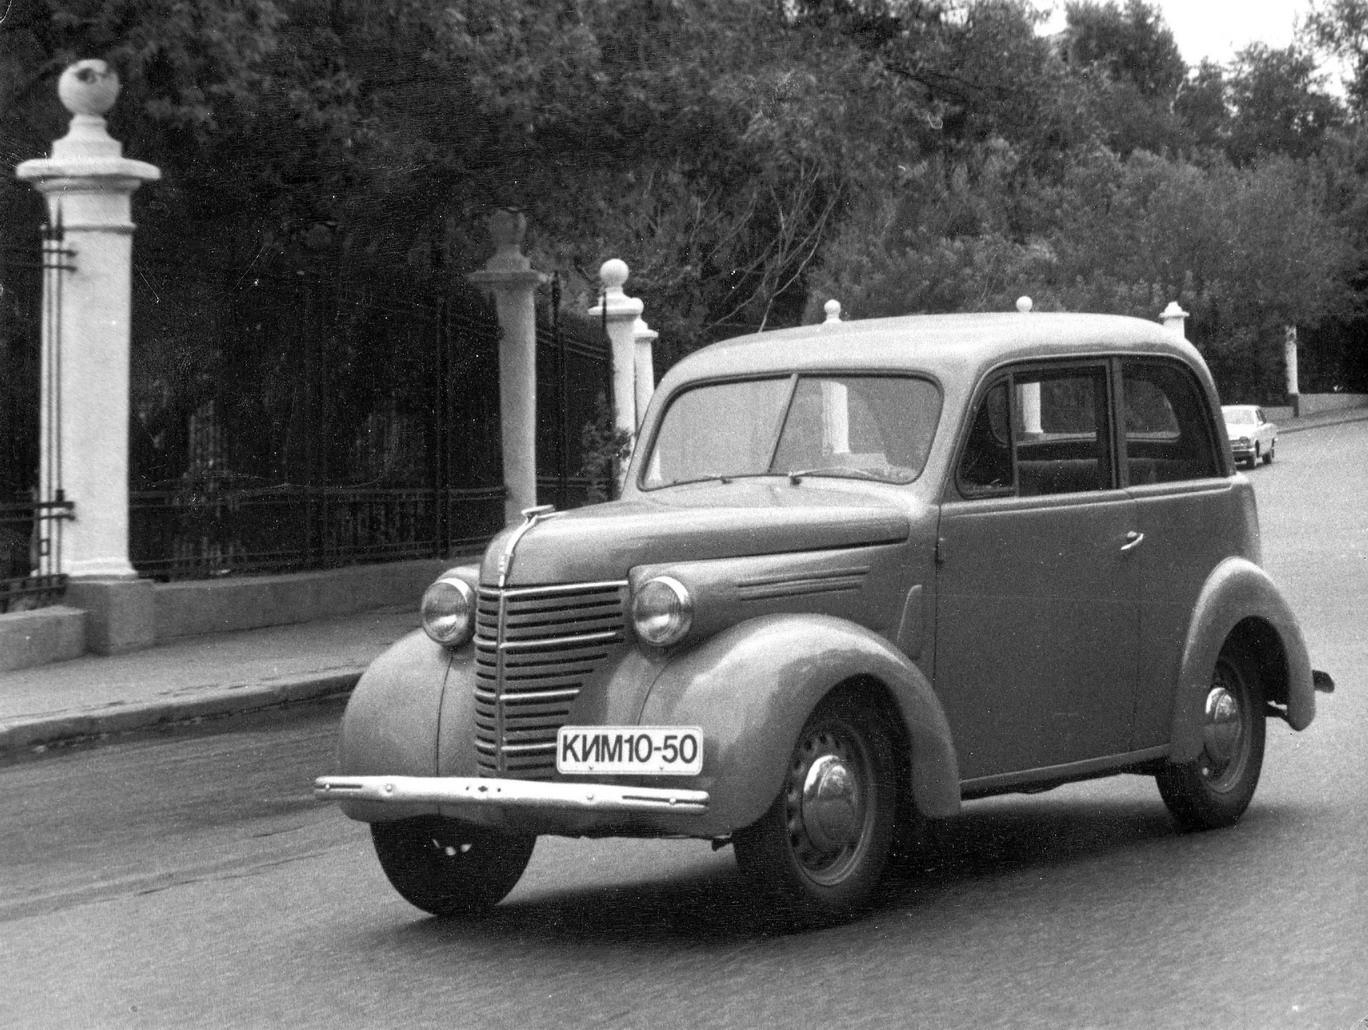 Детище Гитлера и афера невиданного масштаба: как и зачем УАЗ критиковал Volkswagen в 1970 году